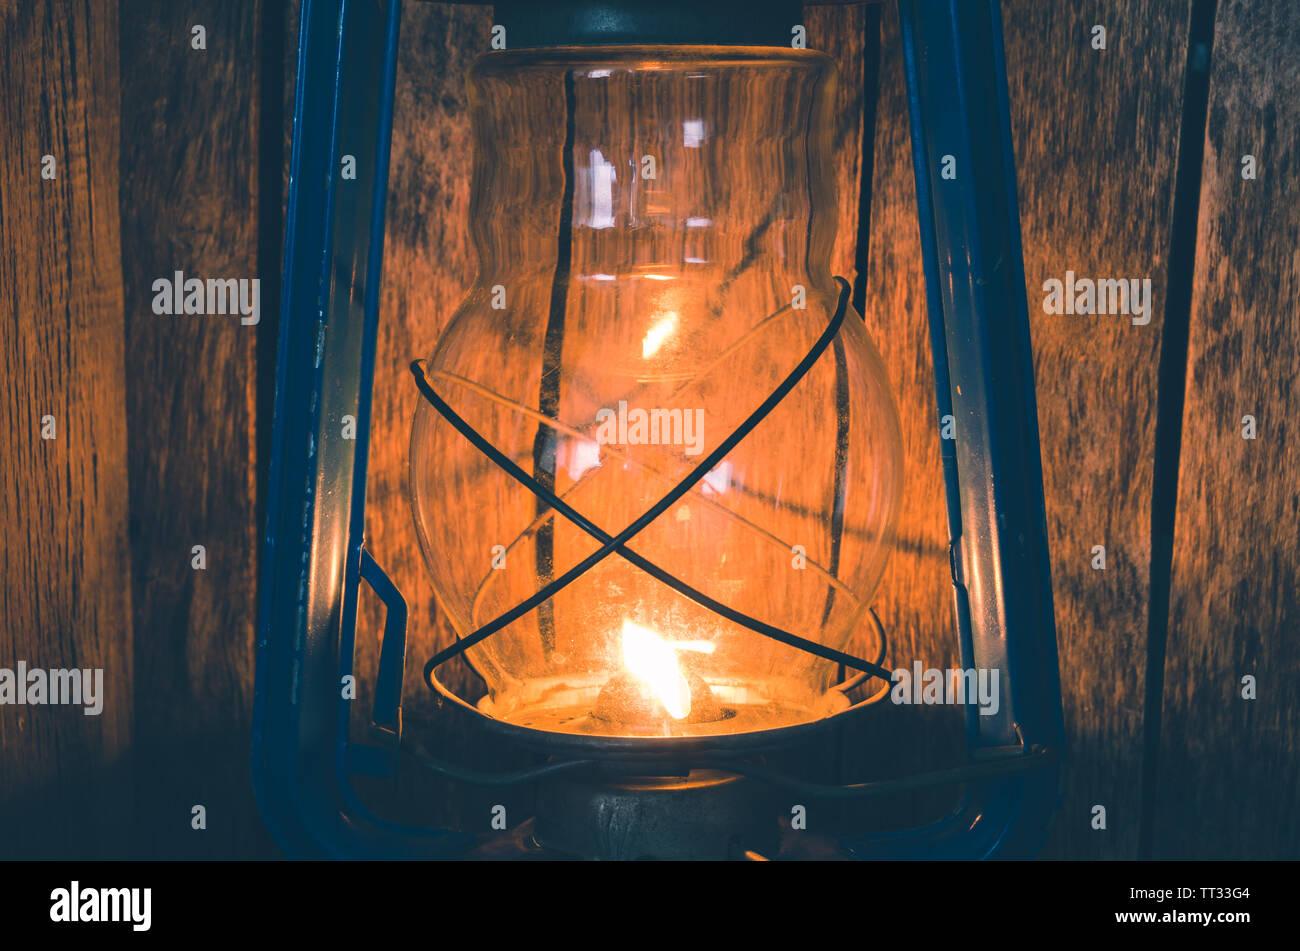 Old kerosene lamp illuminates the old wooden wall - Stock Image